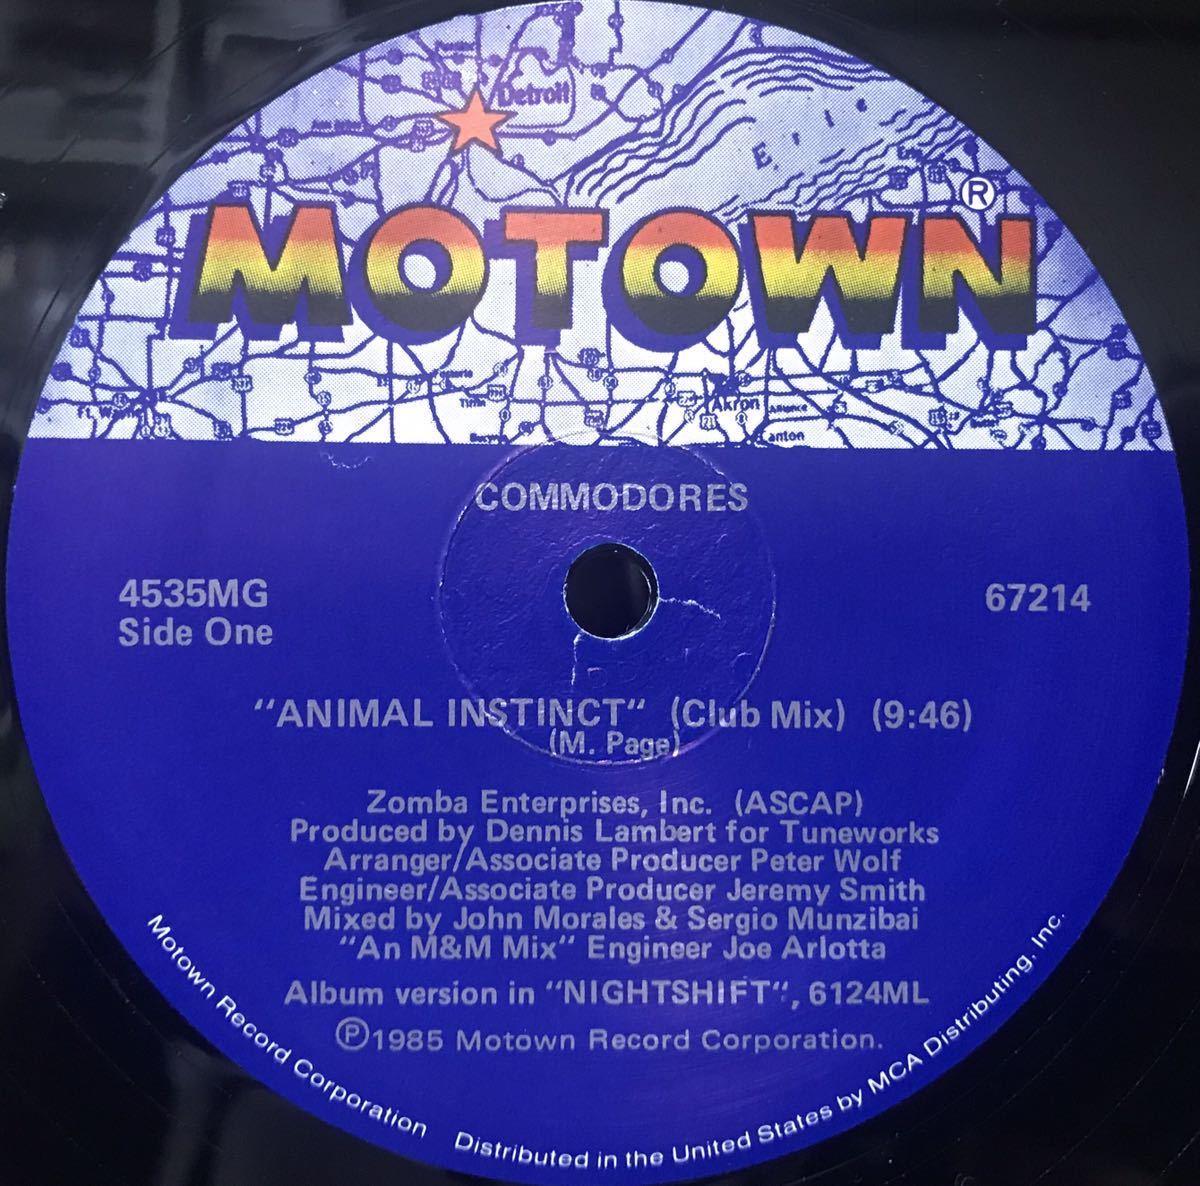 COMMODORES / ANIMAL INSTINCT 12inchレコード その他にもプロモーション盤 レア盤 人気レコード 多数出品中_画像2